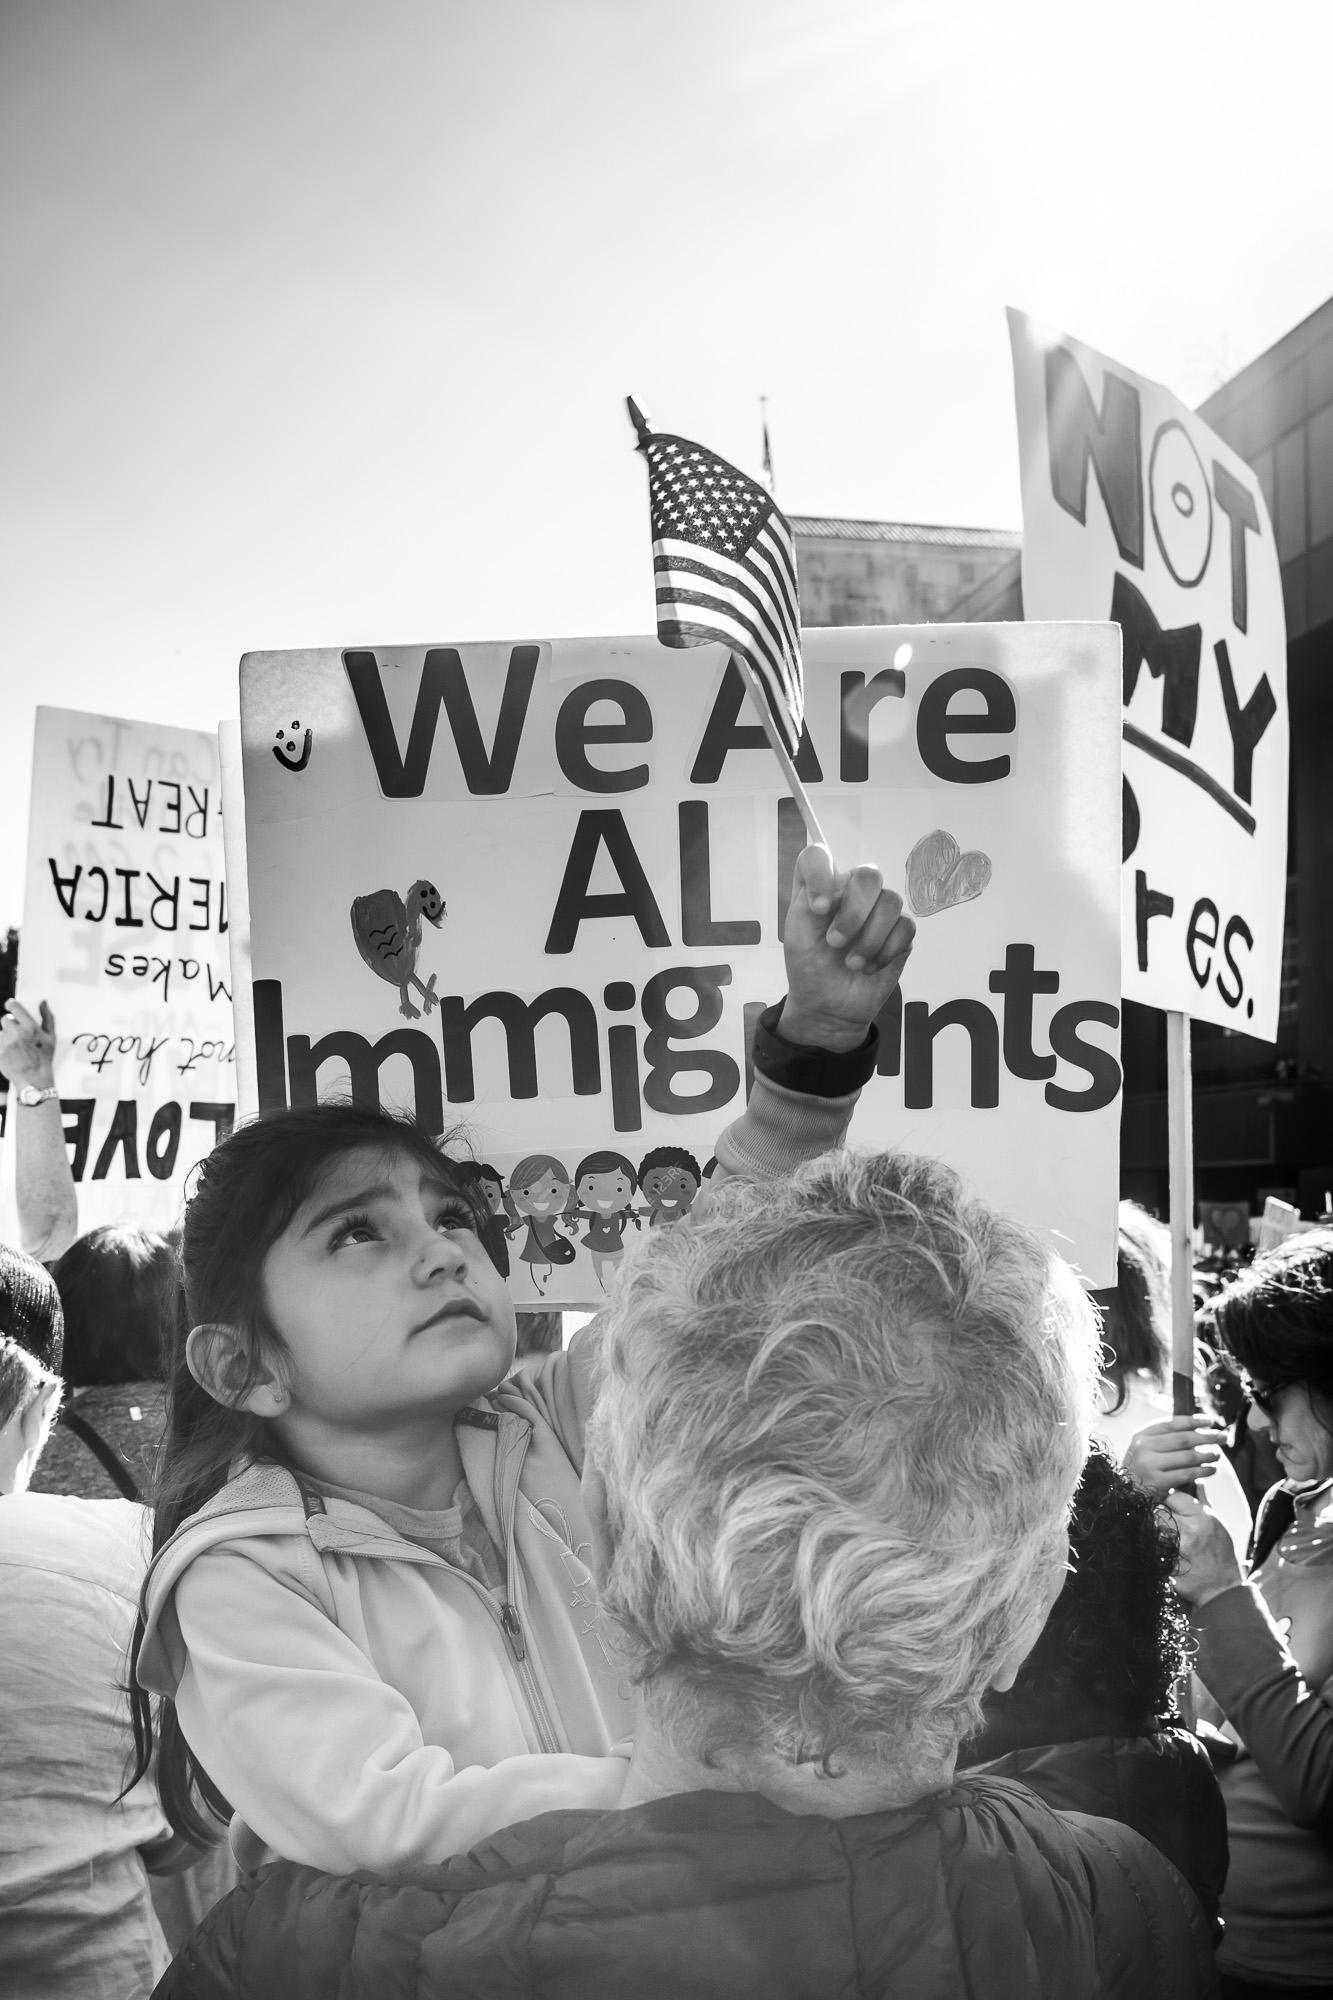 Protesting_25.jpg